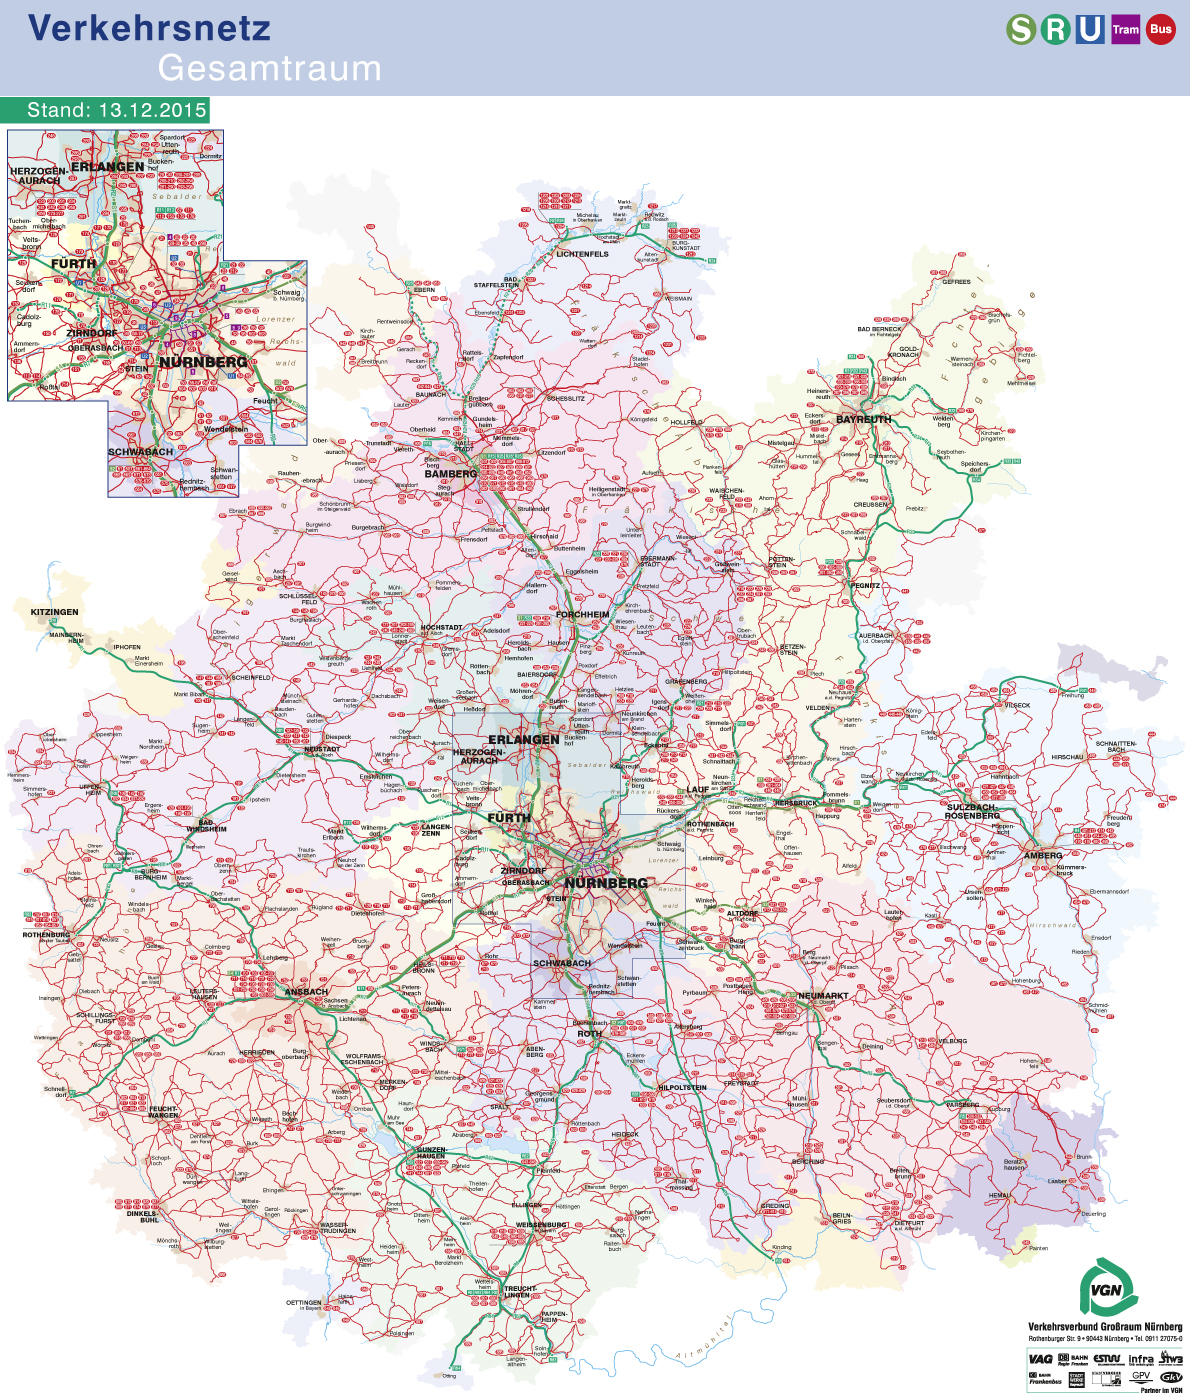 VGN-Verkehrsnetz-Gesamtraum